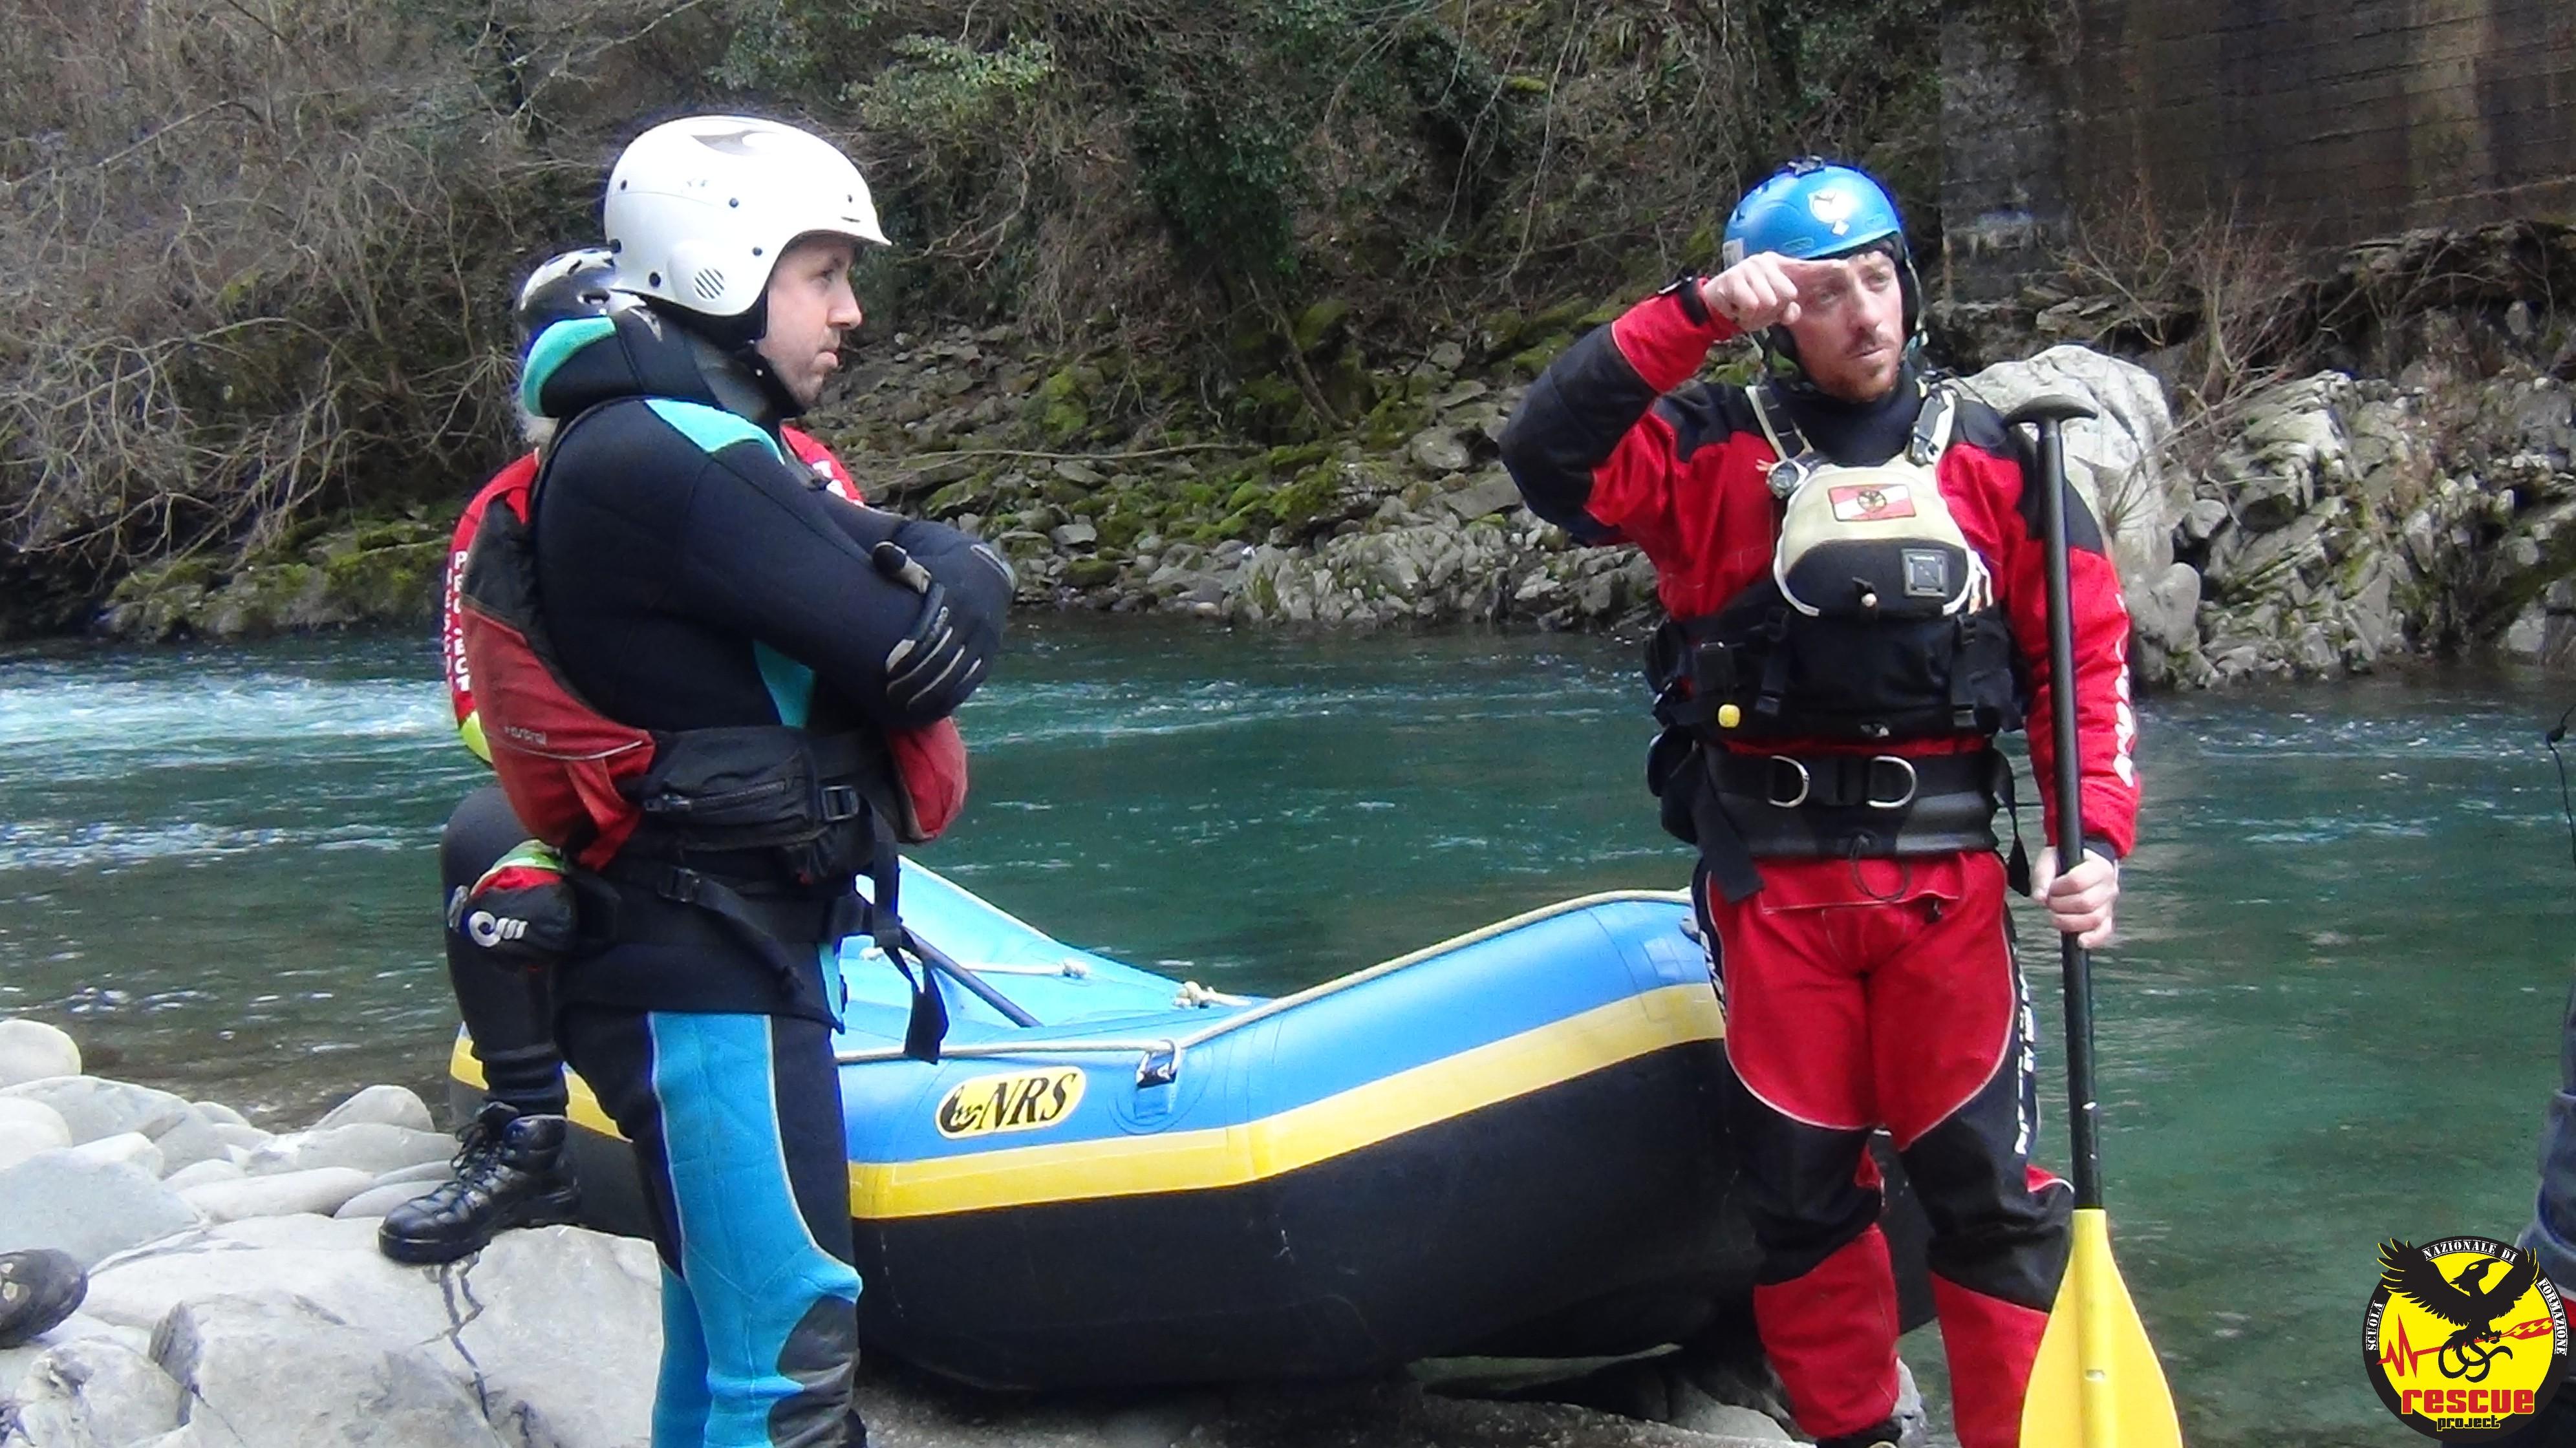 Salvamento-soccorso-fluviale-Image00194